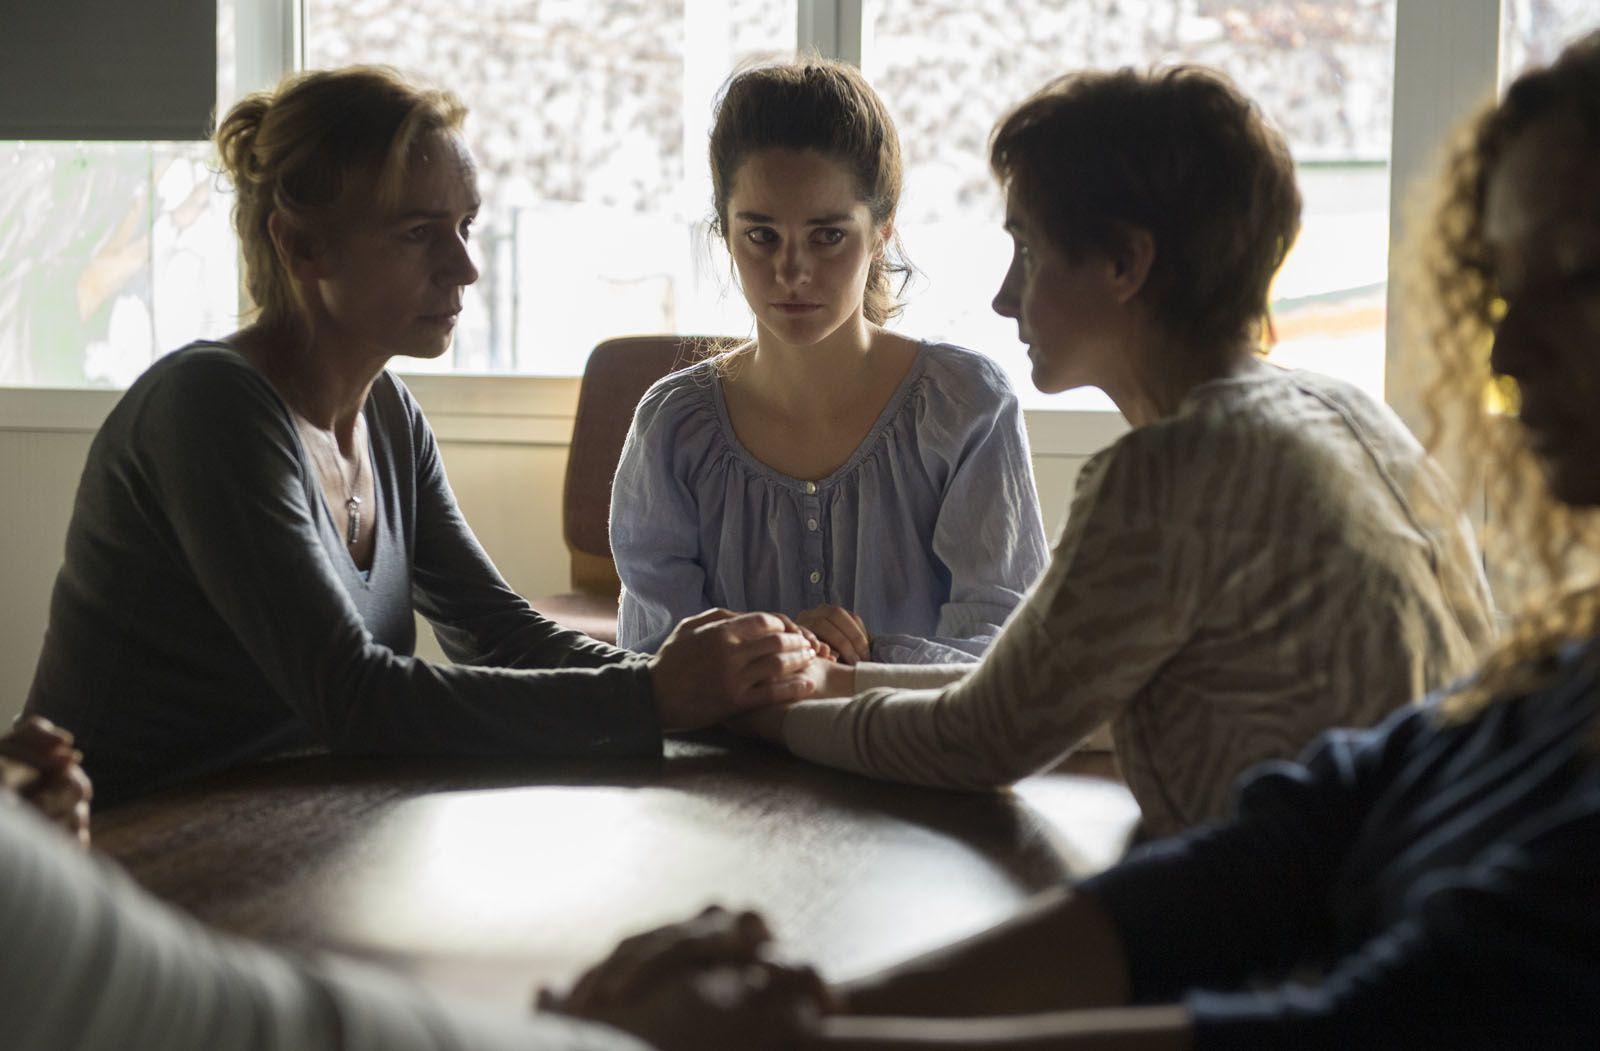 Le ciel attendra (BANDE ANNONCE) de Marie-Castille Mention Schaar avec Sandrine Bonnaire, Noémie Merlant, Clotilde Courau - Le 5 octobre 2016 au cinéma